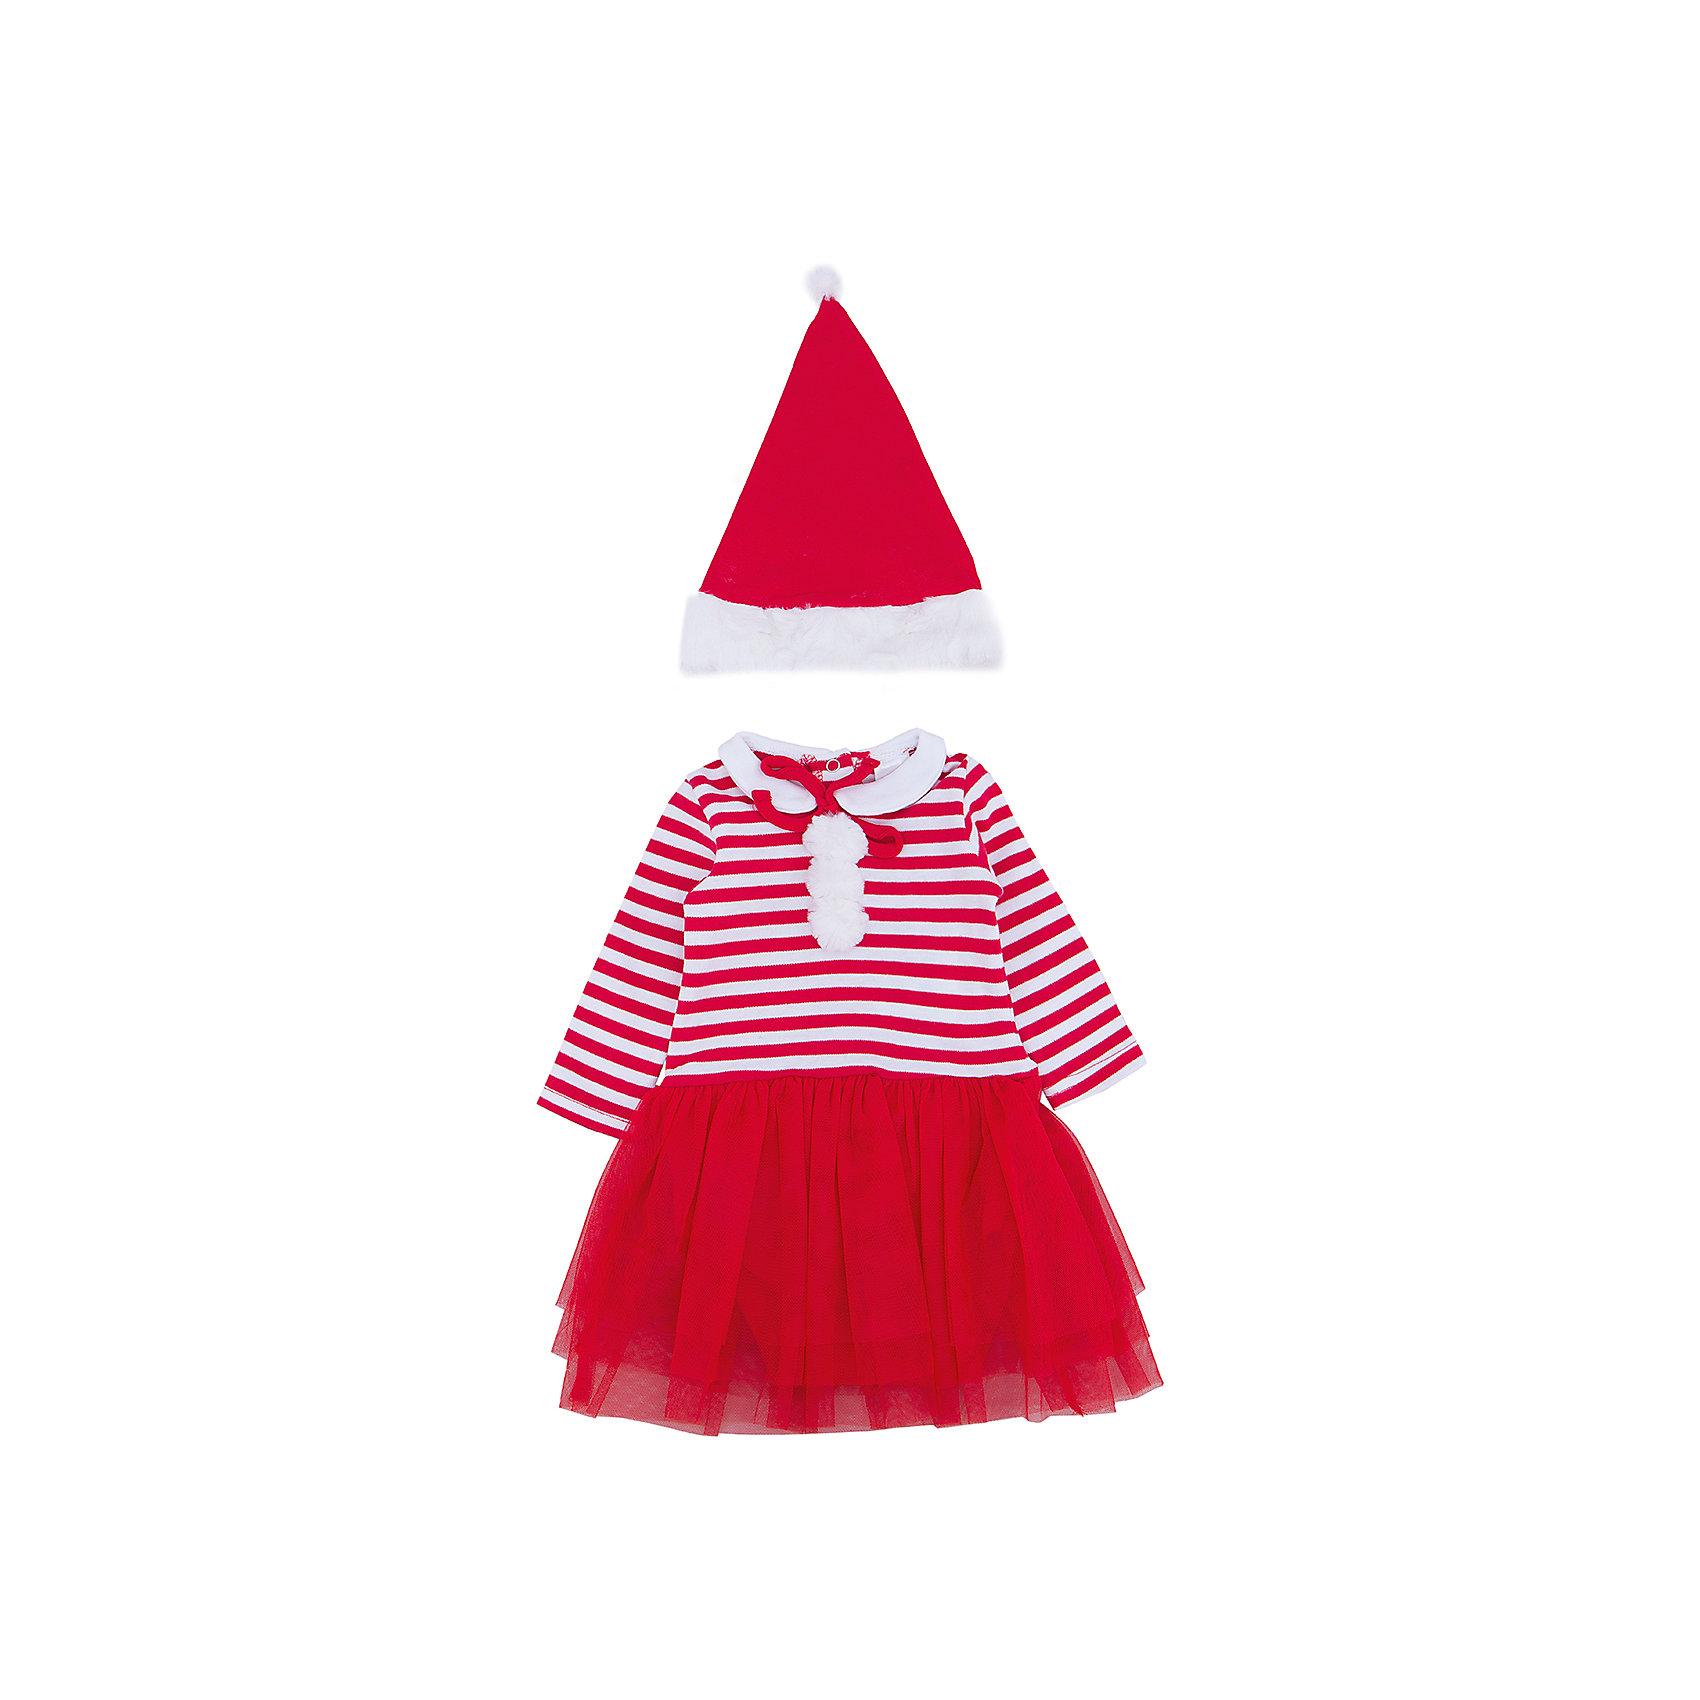 Карнавальный костюм для девочки PlayTodayПлатья<br>Характеристики:<br><br>• Вид одежды: карнавальный костюм<br>• Пол: для девочки<br>• Сезон: новогодние праздники<br>• Материал: хлопок – 100%, (верх); полиэстер – 100% (юбка)<br>• Цвет: белый, красный<br>• Силуэт: прямой крой<br>• Длина платья: миди<br>• Рукав: длинный<br>• Вырез горловины: круглый, отложной воротничок<br>• Застежка: кнопки на спинке по всей длине платья<br>• Наличие колпака Санта Клауса<br>• Особенности ухода: ручная стирка без применения отбеливающих средств, глажение при низкой температуре <br><br>PlayToday – это линейка детской одежды, которая предназначена как для повседневности, так и для праздников. Большинство моделей выполнены в классическом стиле, сочетающем в себе традиции с яркими стильными элементами и аксессуарами. Весь ассортимент одежды сочетается между собой по стилю и цветовому решению, поэтому Вам будет легко сформировать гардероб вашего ребенка, который отражает его индивидуальность. <br>Карнавальный костюм для девочки PlayToday – яркий, стильный и оригинальный наряд по типу боди для новогодних праздников. Боди с юбкой выполнено из 100% хлопка, юбка оформлена сетчатой тканью, которая придает наряду пышность и форму. У боди стильный дизайн – полосатый верх, штанишки и юбка – однотонные. Комплект оформлен яркими деталями: имеются белые помпоны и отложной воротничок. Боди удобно надевать и снимать: все застежки имеют кнопки. Для законченности образа предусмотрена шапка-колпак. <br><br>Карнавальный костюм для девочки PlayToday можно купить в нашем интернет-магазине.<br><br>Ширина мм: 157<br>Глубина мм: 13<br>Высота мм: 119<br>Вес г: 200<br>Цвет: красный<br>Возраст от месяцев: 2<br>Возраст до месяцев: 5<br>Пол: Женский<br>Возраст: Детский<br>Размер: 62,68,74<br>SKU: 5059386